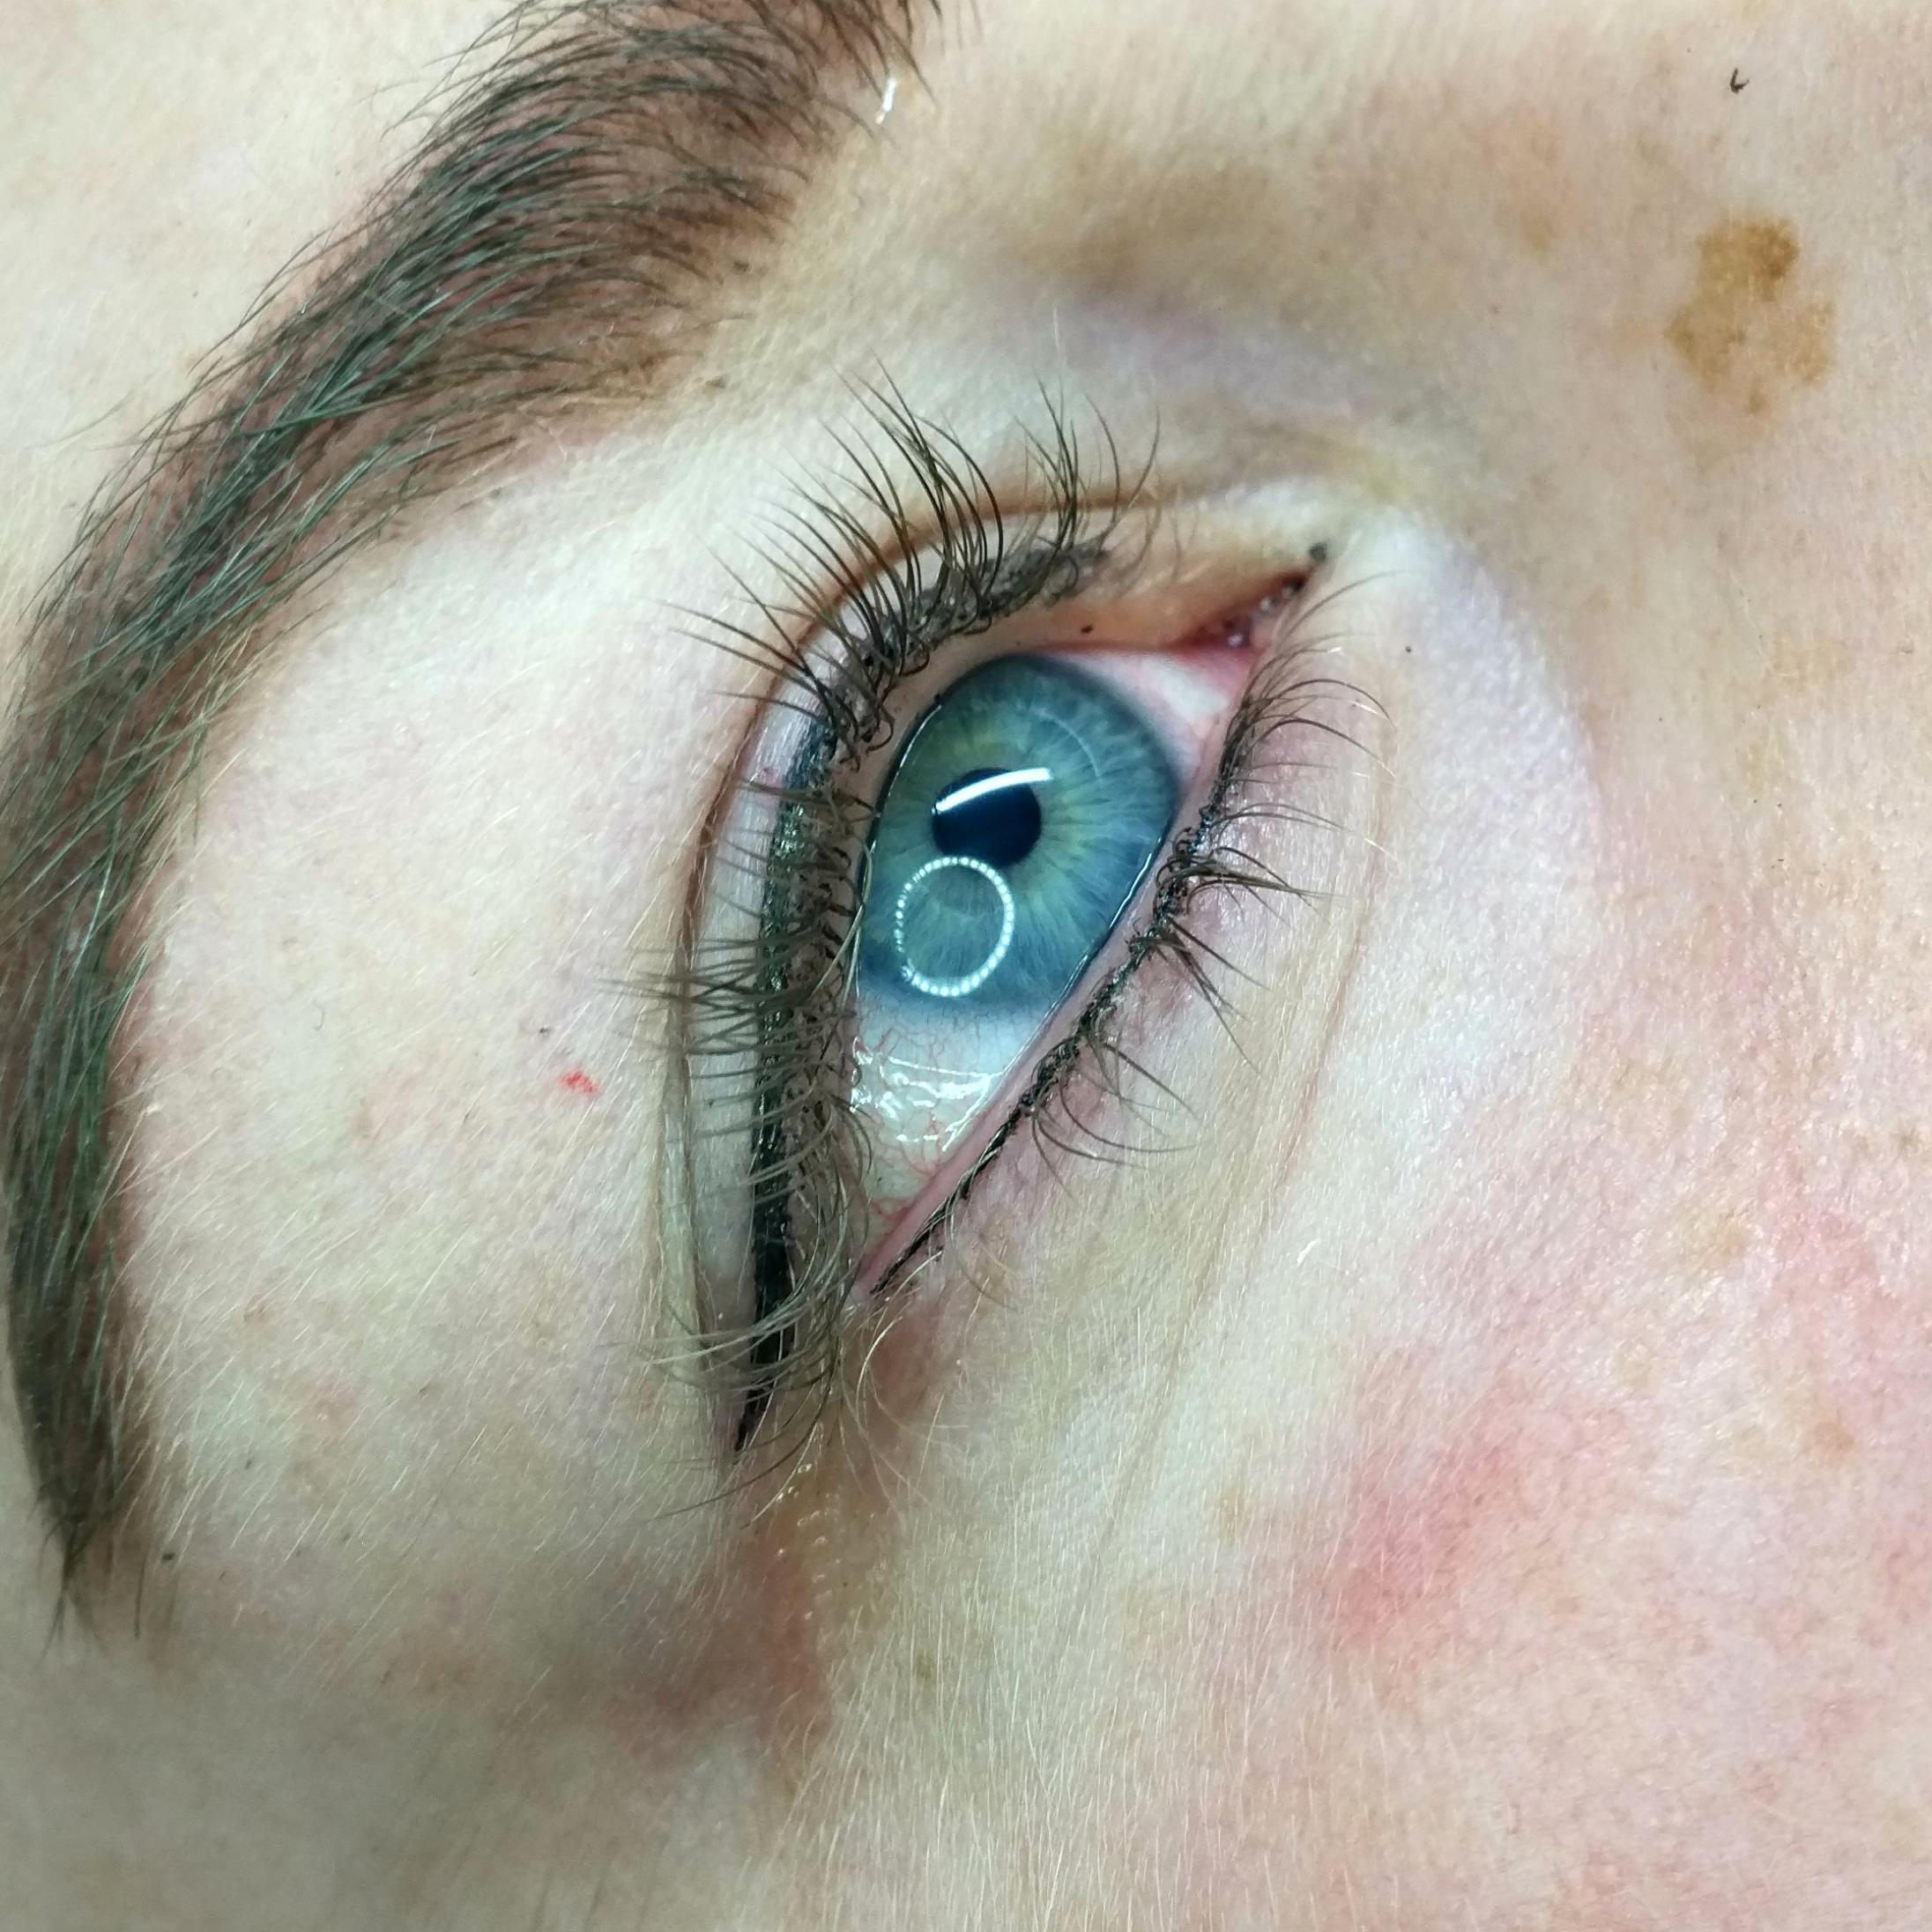 IMG 20180124 201130 163 - Eyeliner/Wimpernkranz/Kajal